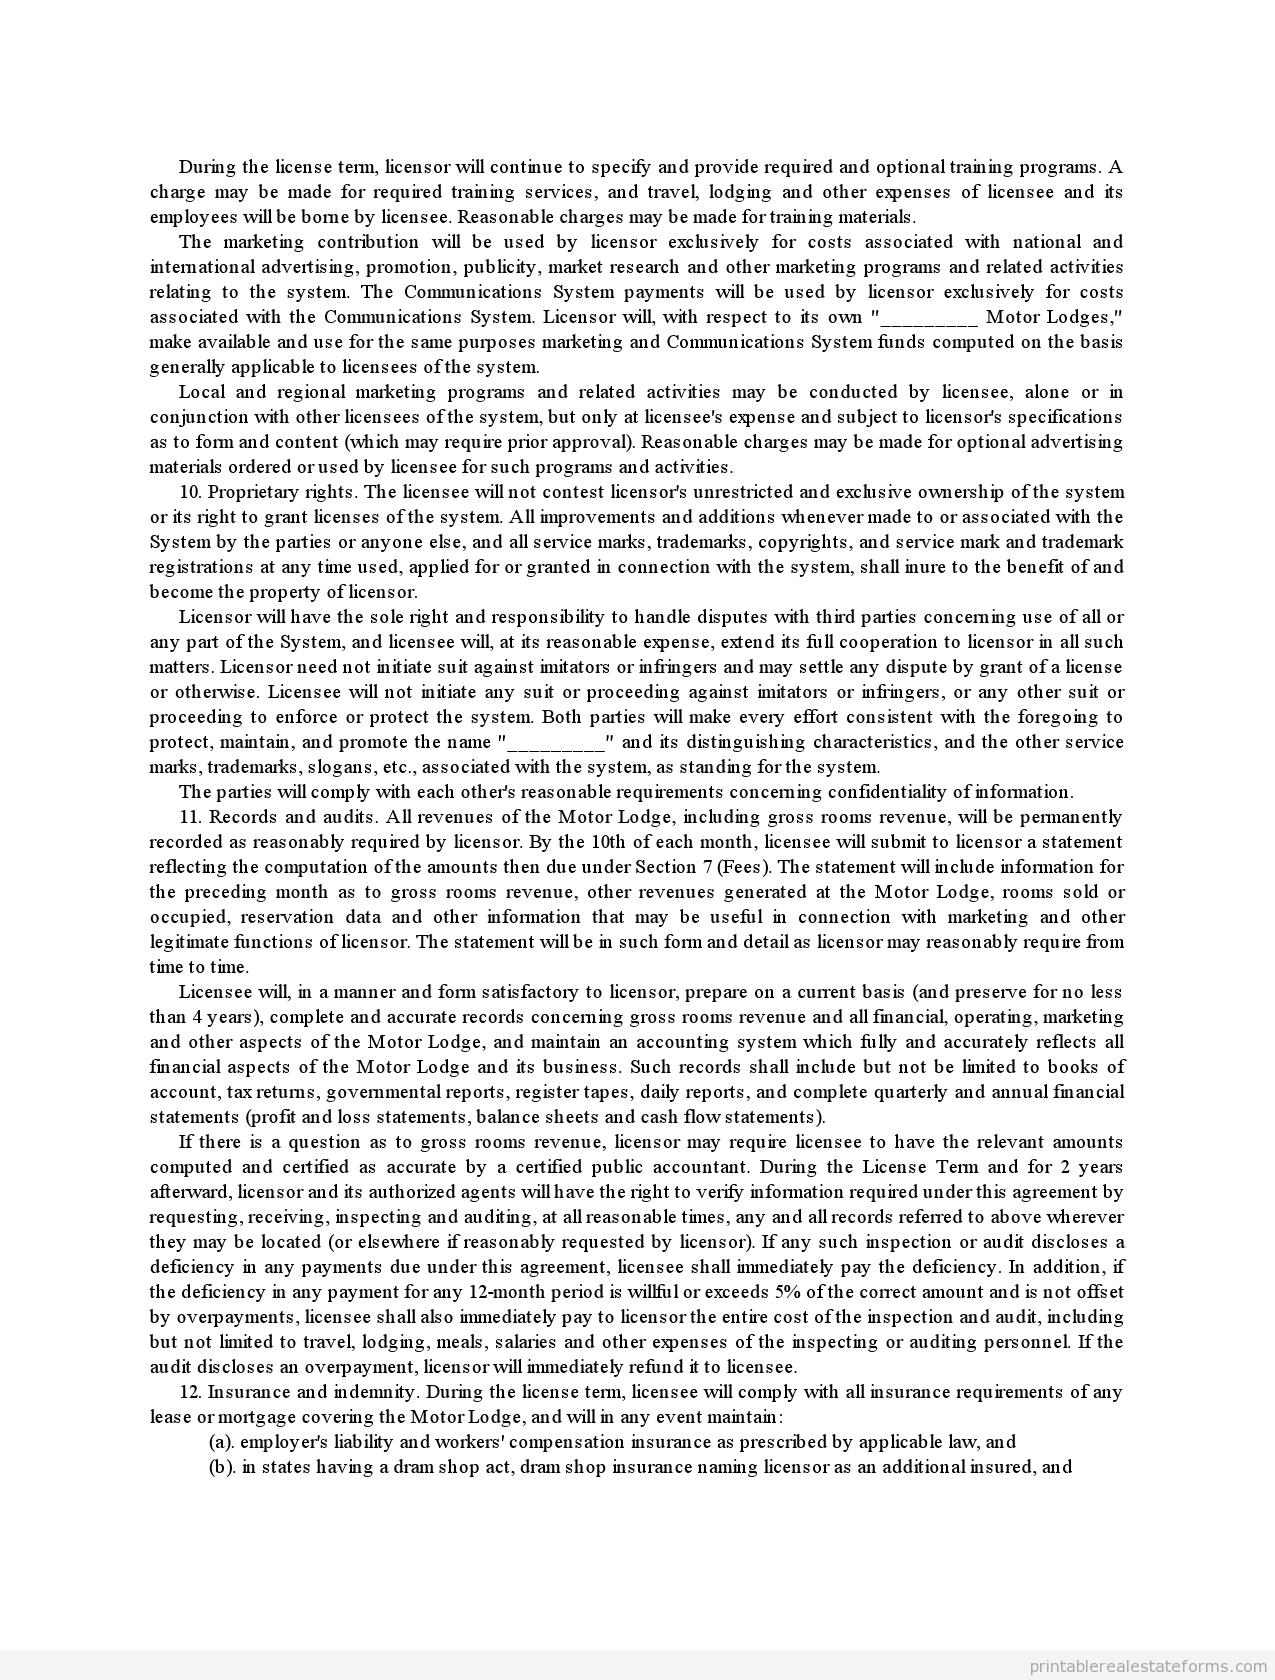 sample franchise agreement